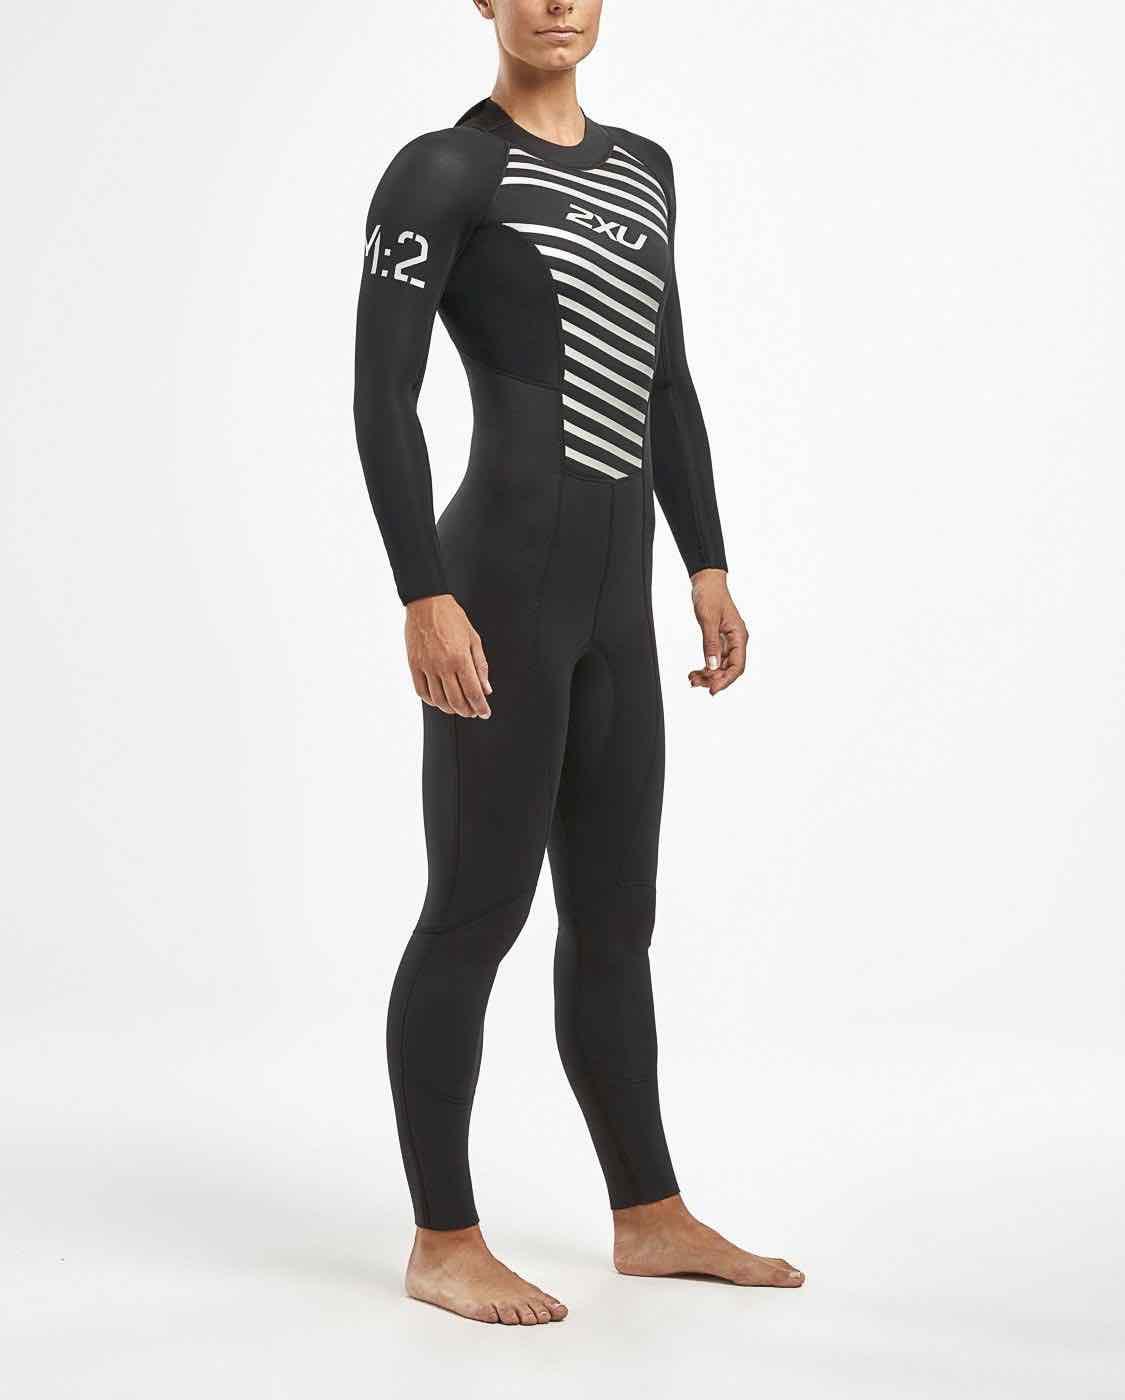 9e55a3b99 2XU M:2 Wetsuit W Black/Striped